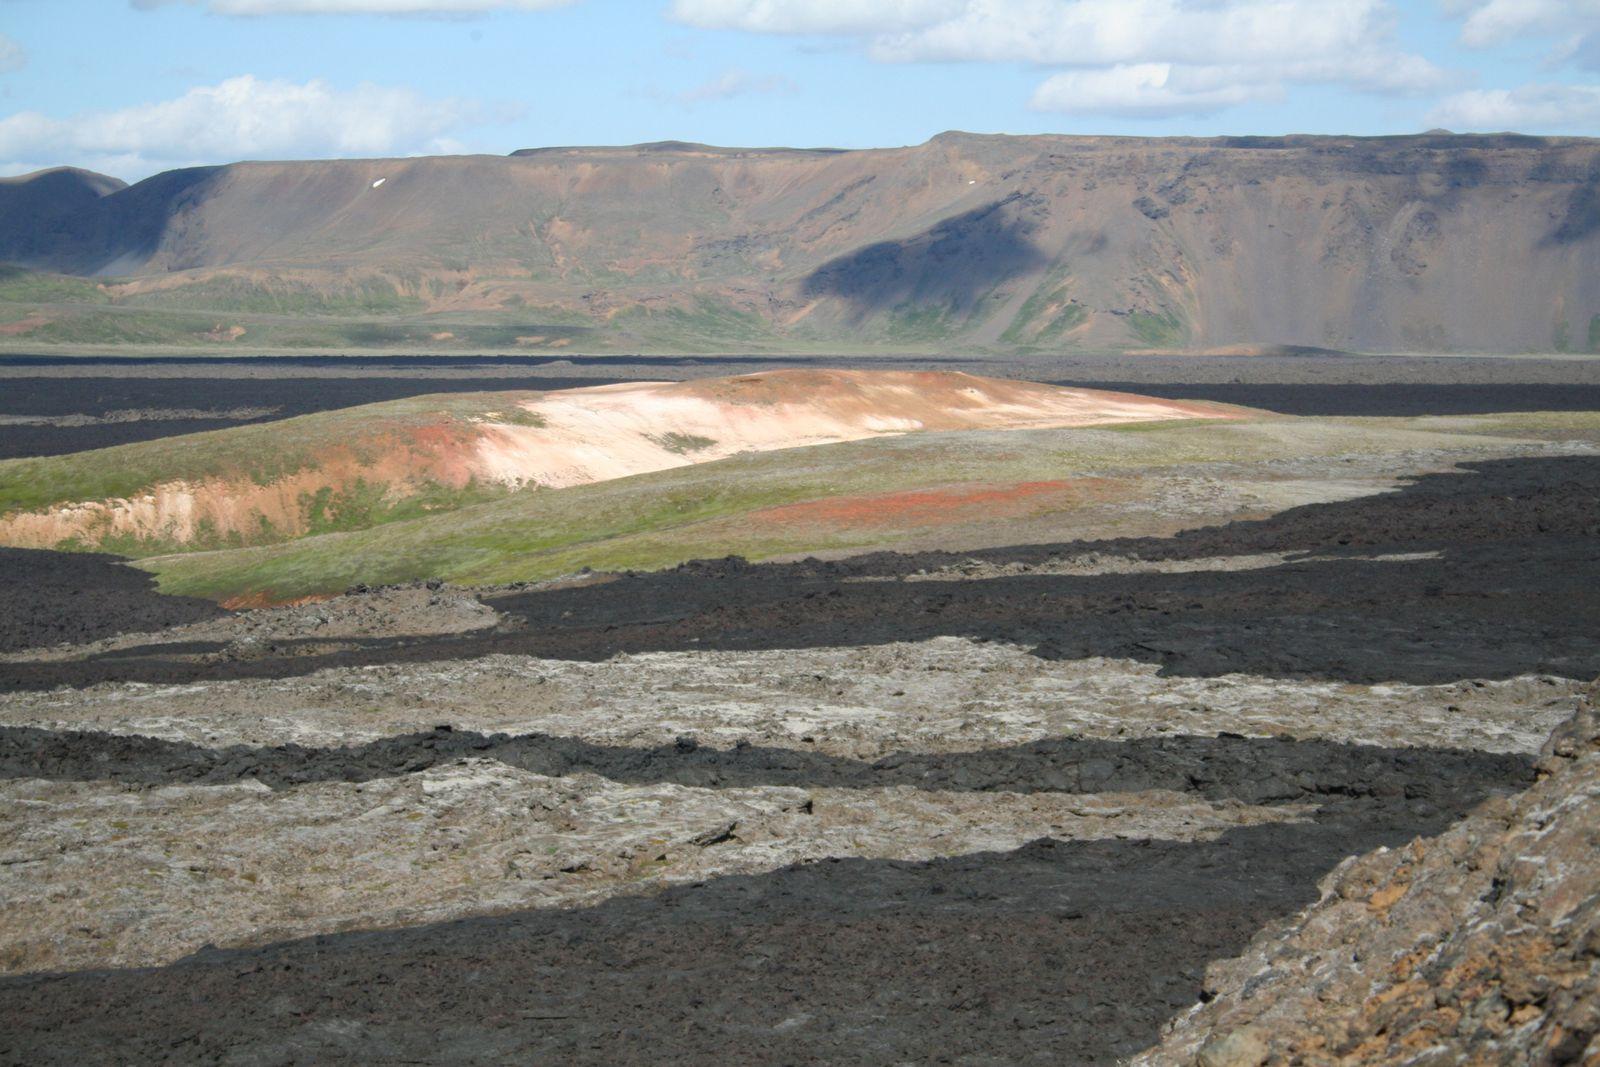 Islande... Terre exceptionnelle minérale, colorée, éruptive...